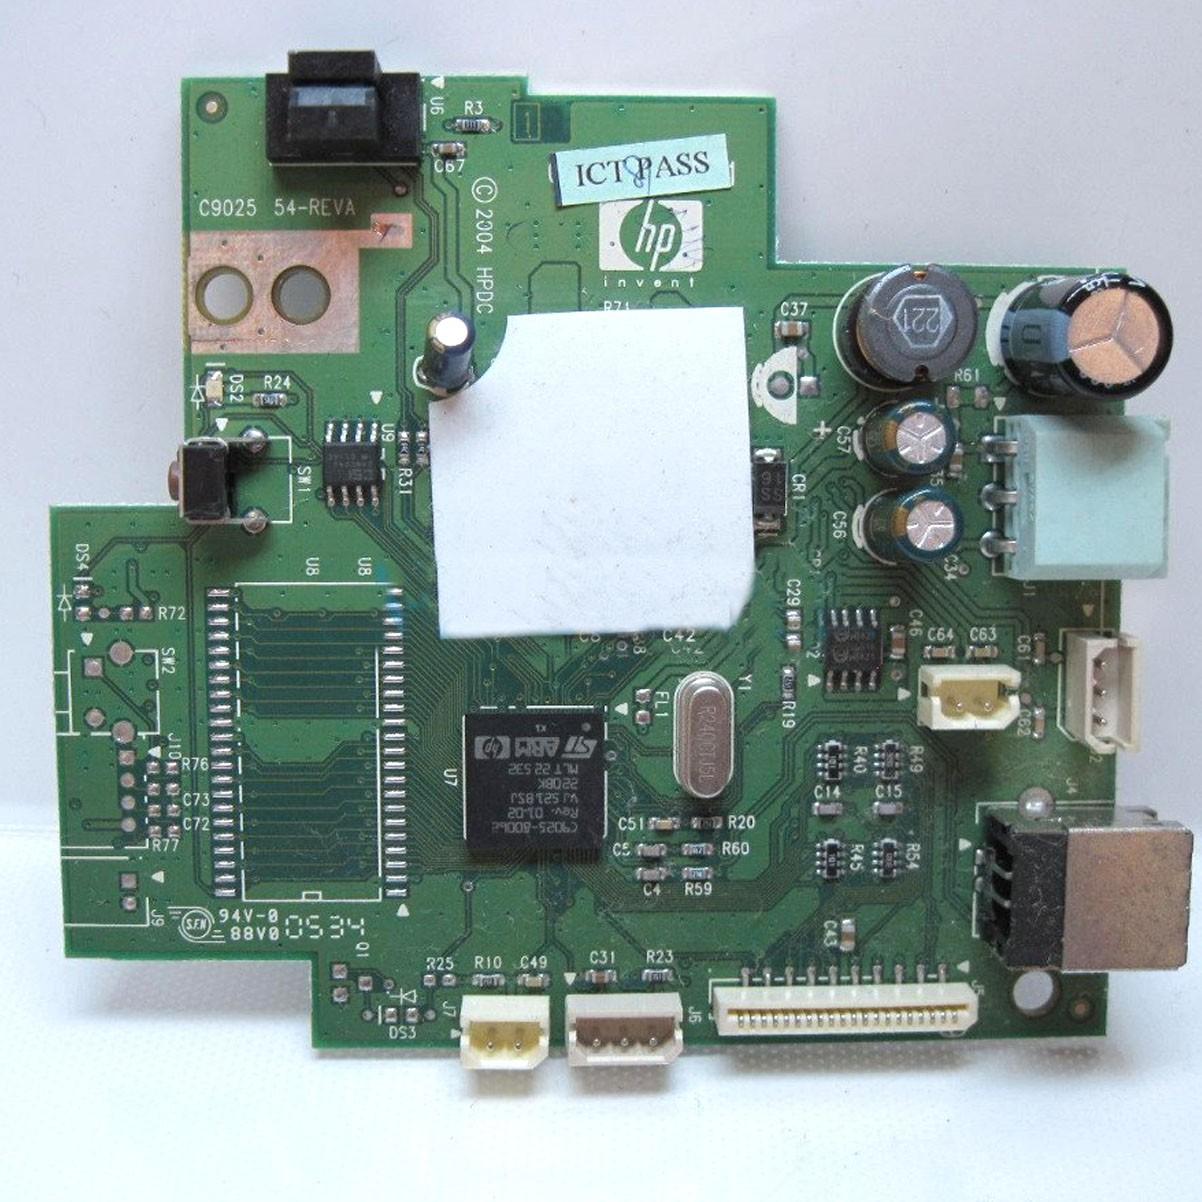 Placa Lógica Impressora Hp Deskjet 3920 Rev A PN: c9050-60024 - Retirado